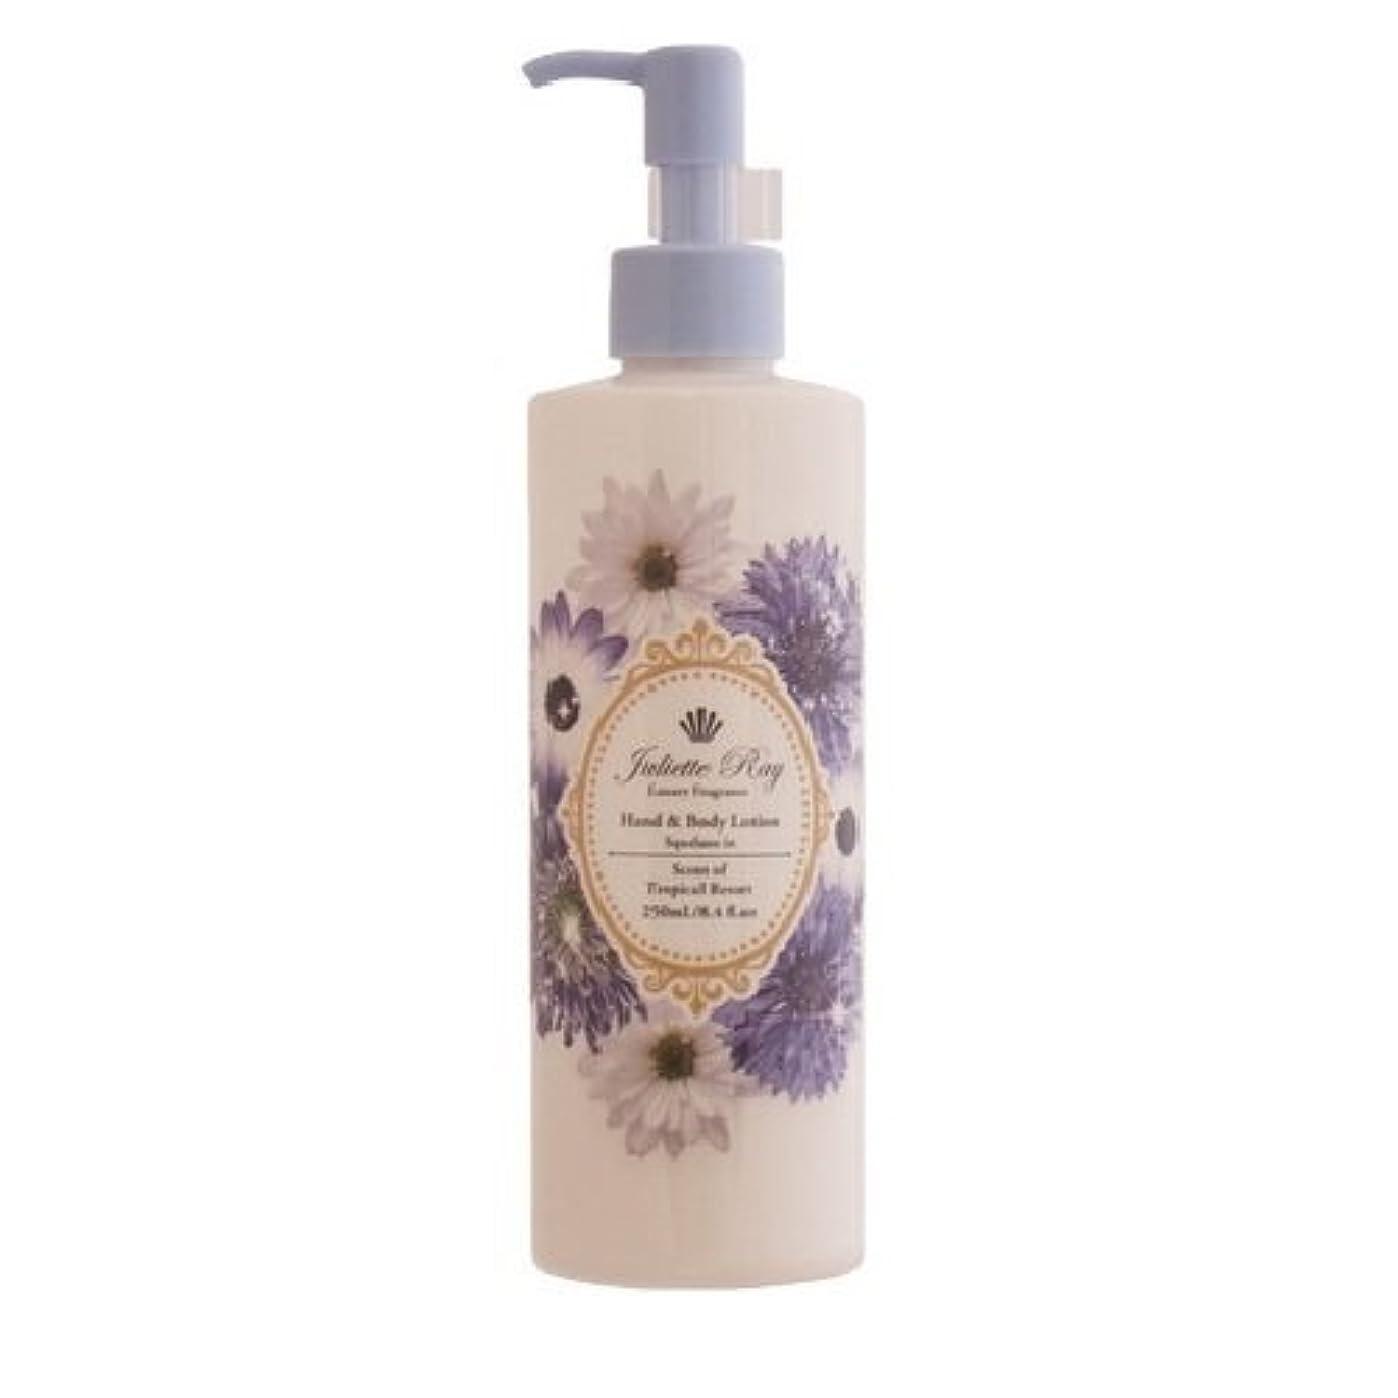 反映する香水宣言ジュリエットレイ ハンド&ボディローション トロピカルリゾート 250ml